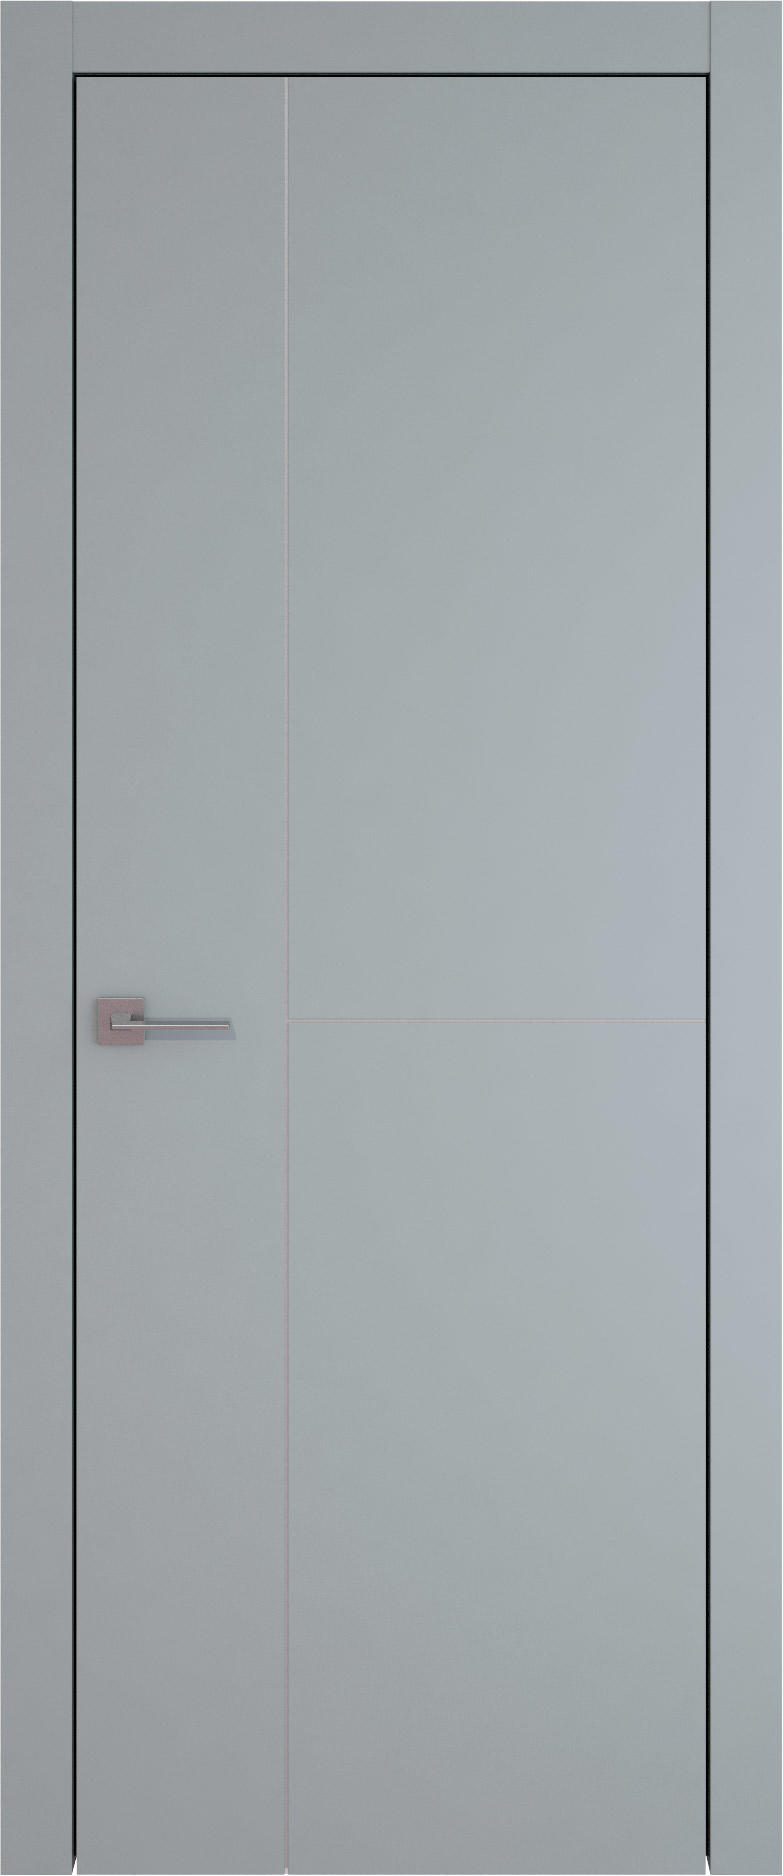 Tivoli Г-1 цвет - Серебристо-серая эмаль (RAL 7045) Без стекла (ДГ)